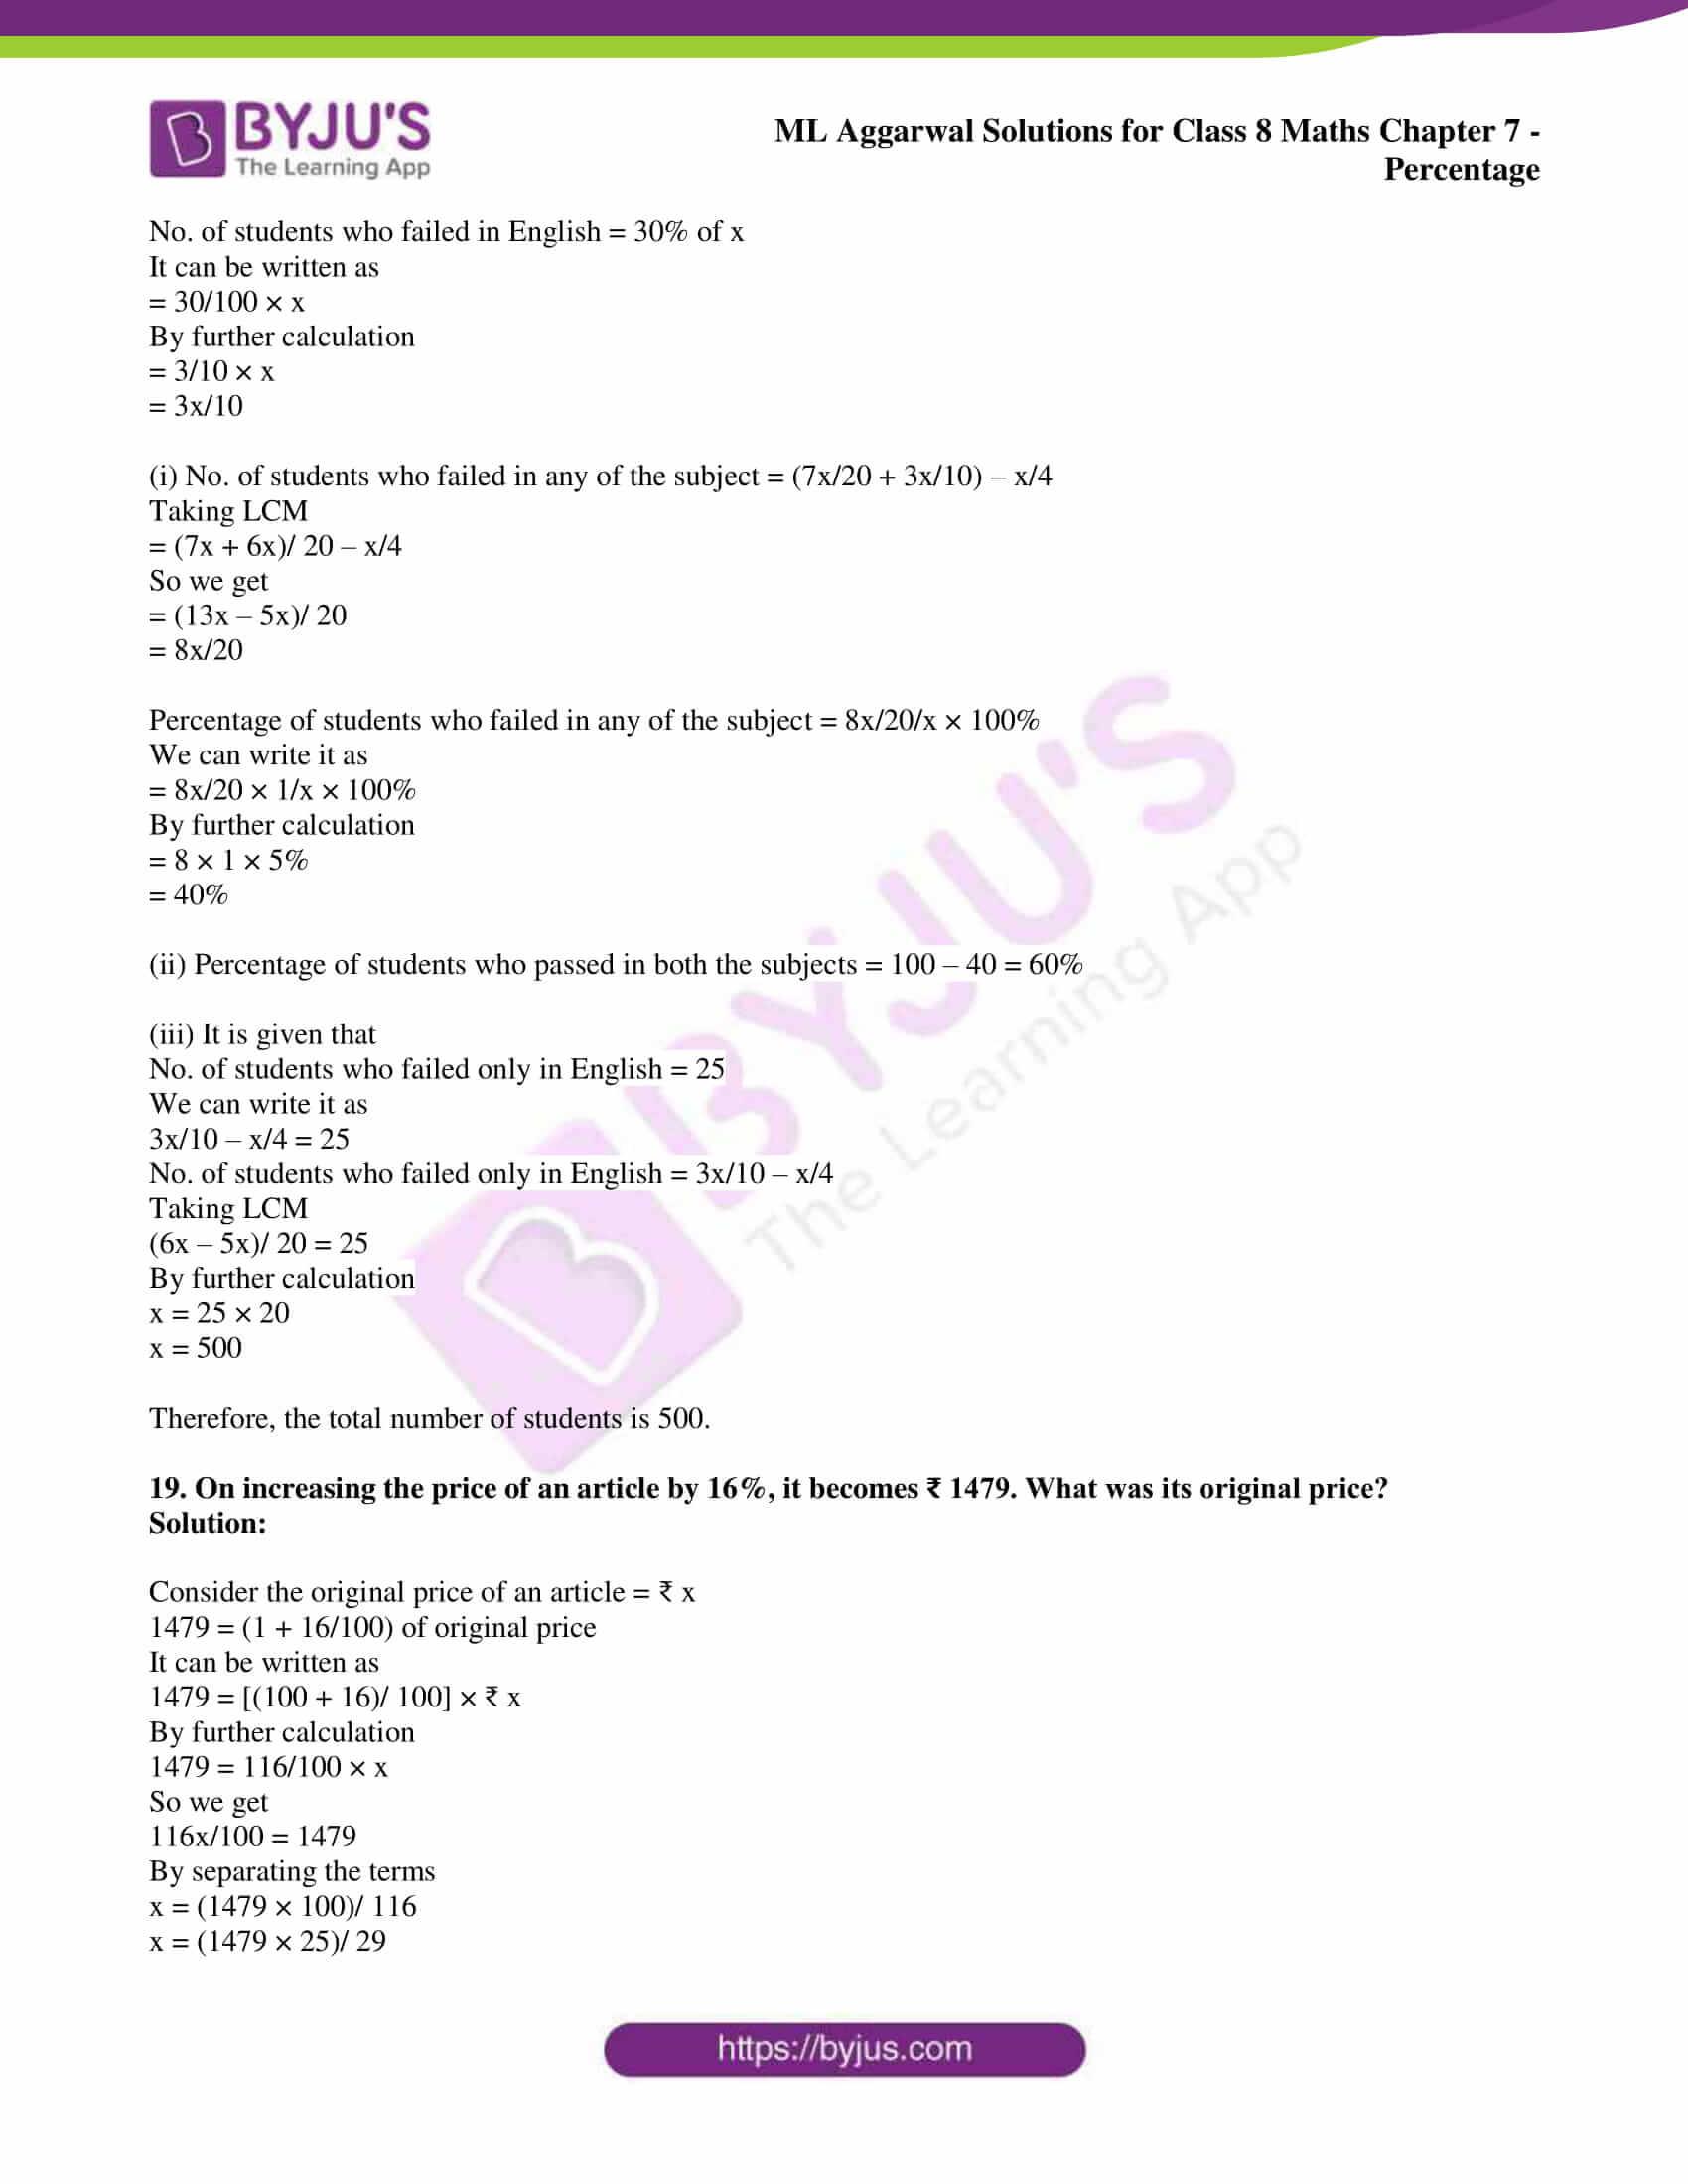 ml aggarwal sol mathematics class 8 ch 7 11